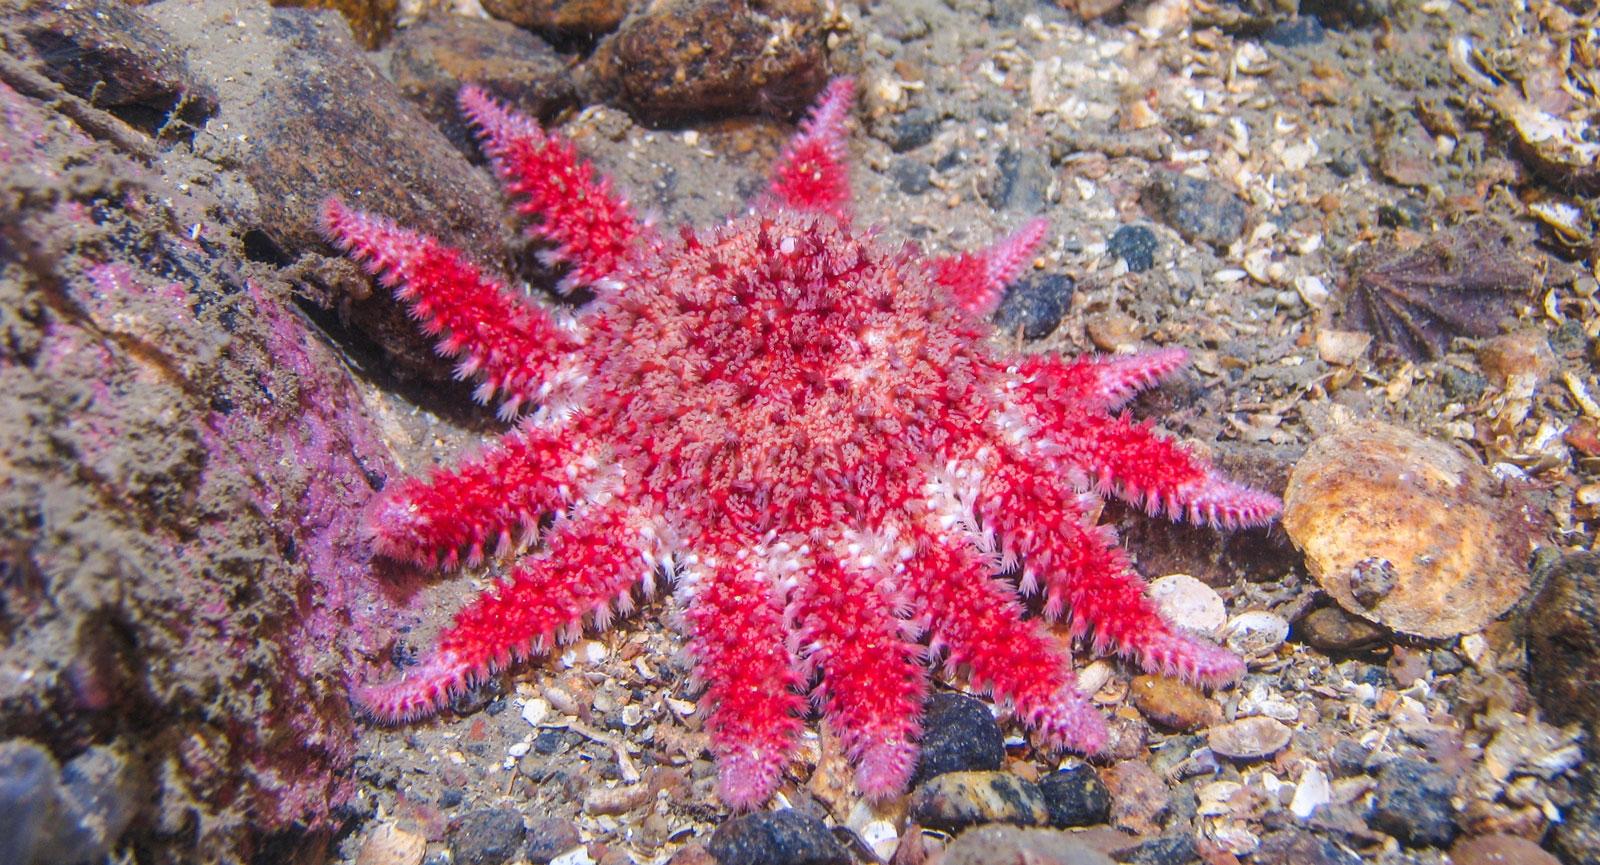 Röd Sjösol, Crossaster papposus. Kosterhavet.